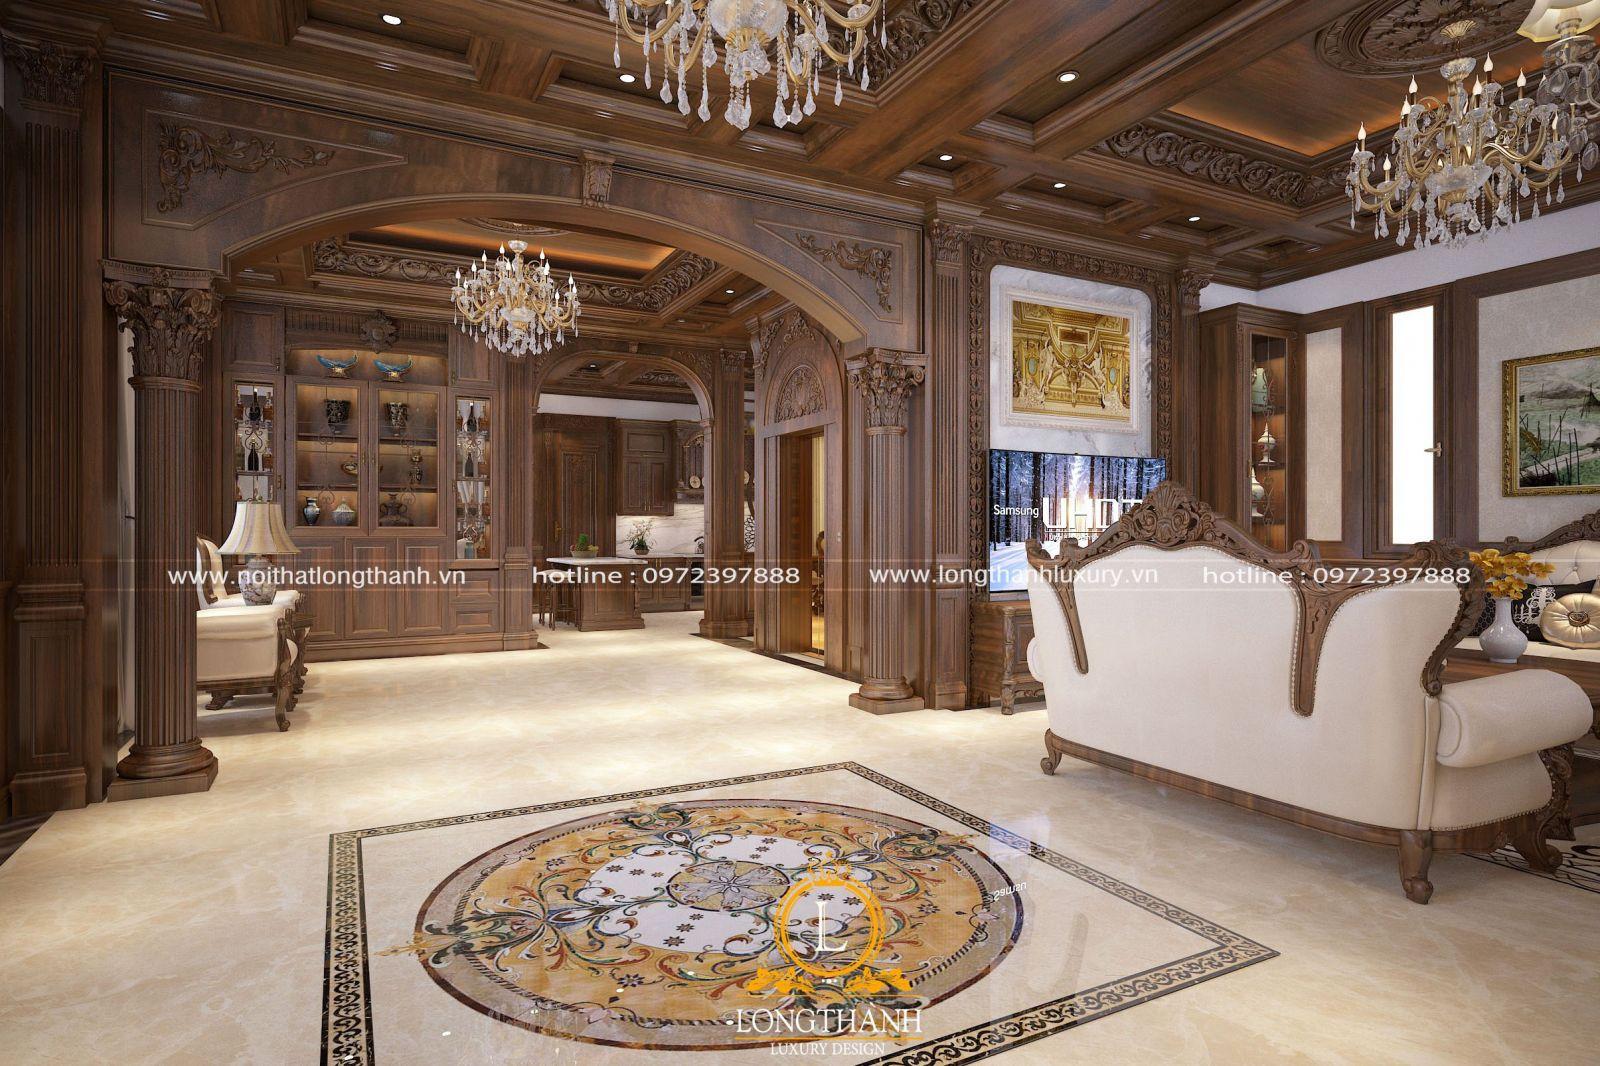 Thiết kế nội thất tân cổ điển với mẫu đèn chùm làm điểm nhấn lôi cuốn